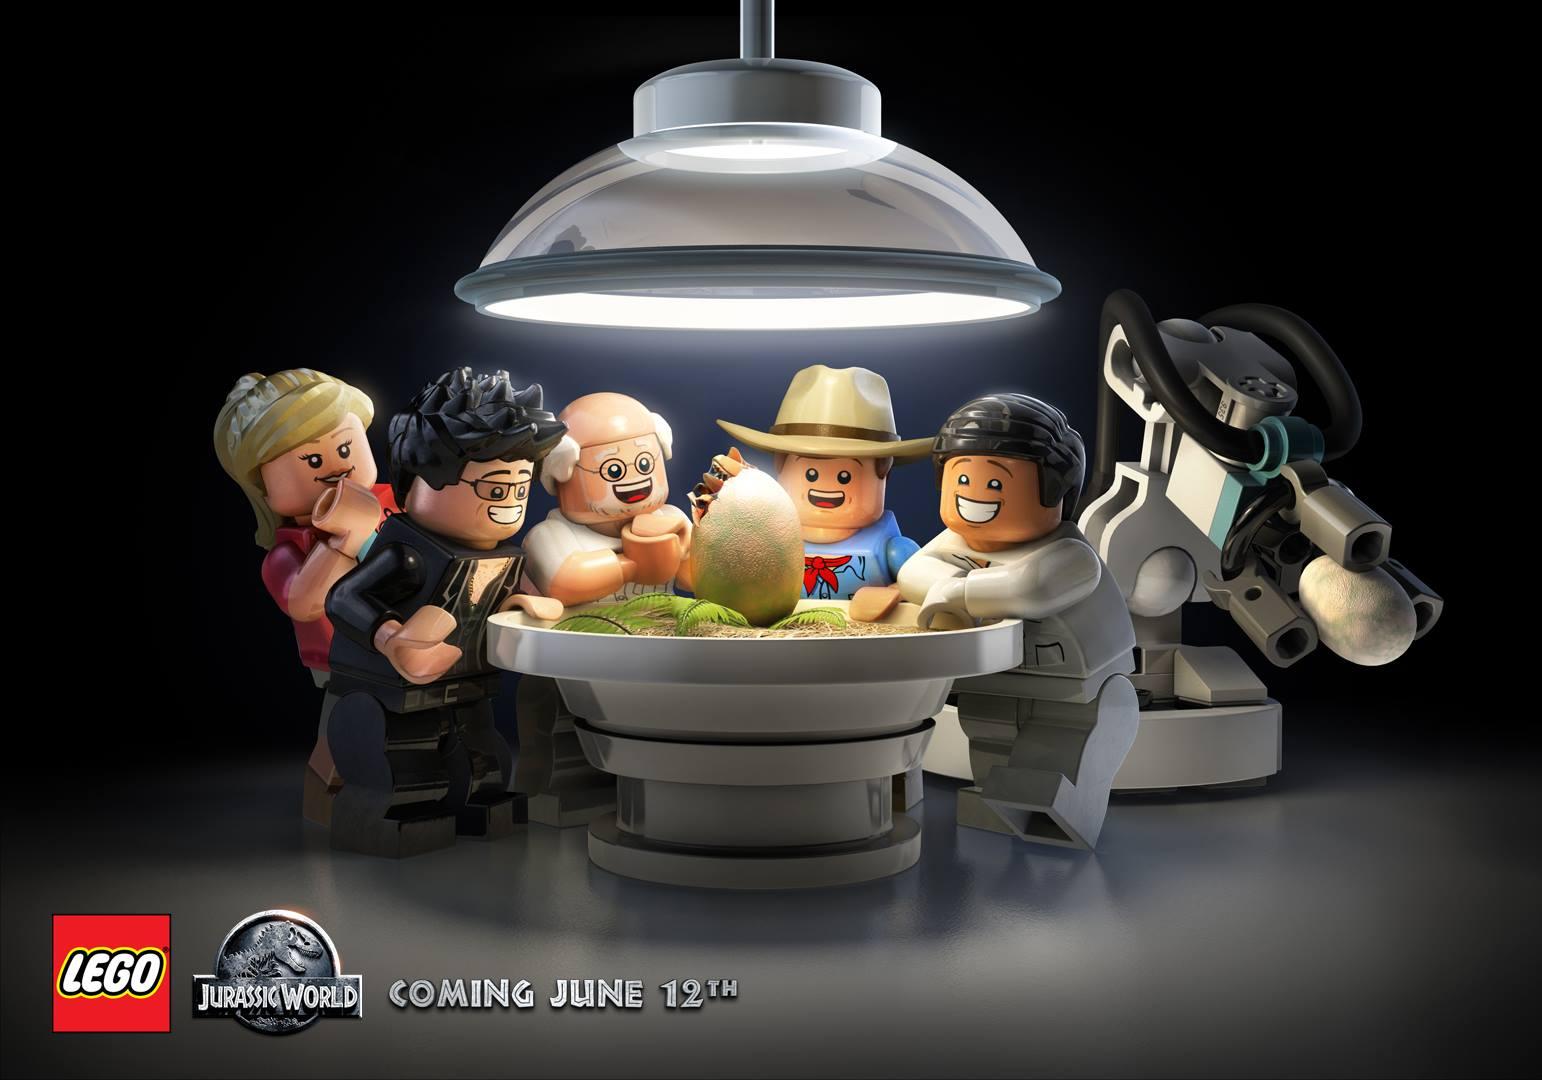 LEGO JurassicWorld Video Game Giveaway Wii U Jurassic World Lego Game